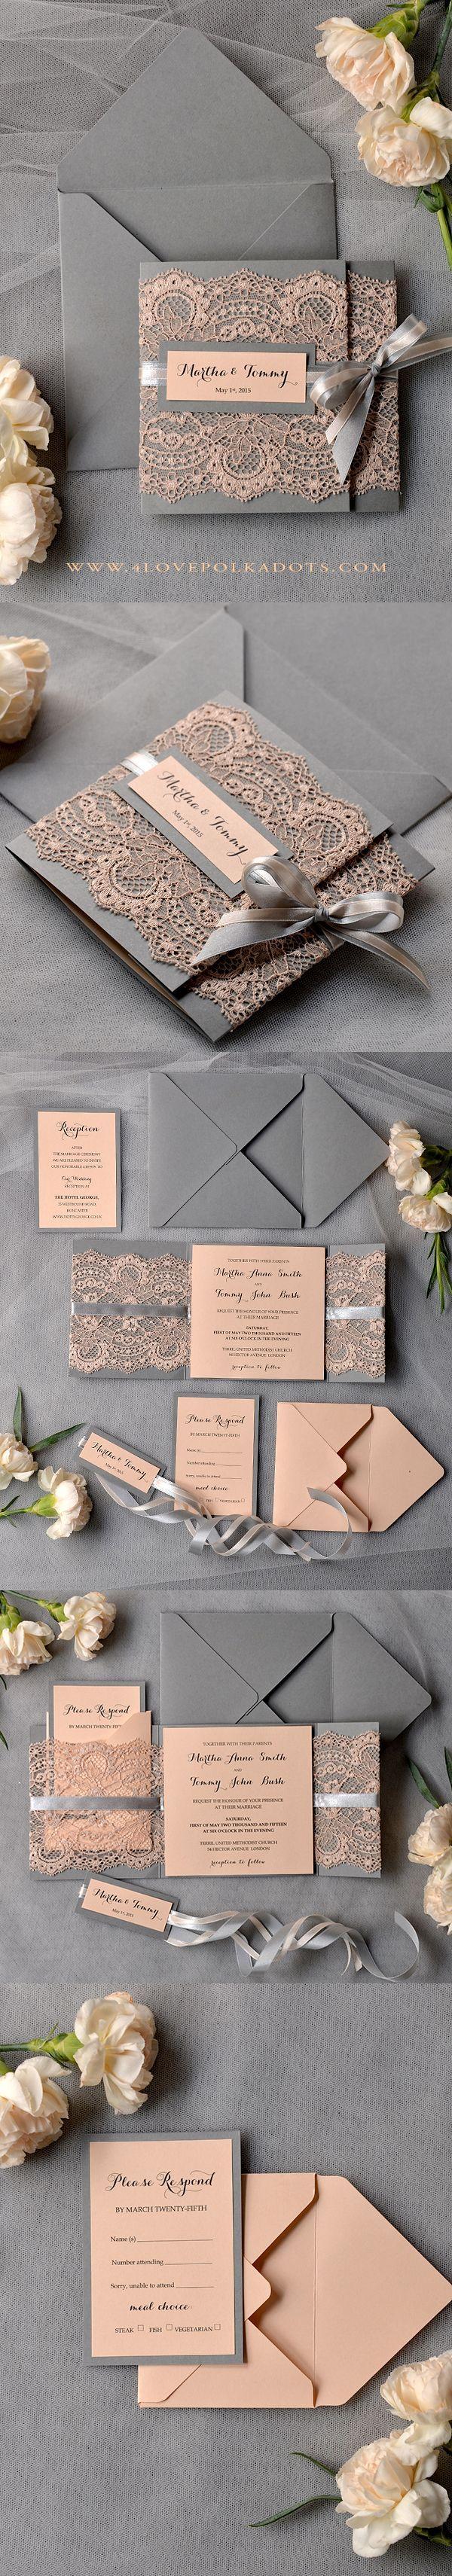 Vintage graue Hochzeits-Einladungen Pfirsich-Spitze Presonalized Briefpapier grau und erröten Rosa 26 / laceWw / z – Einladung Geburtstag